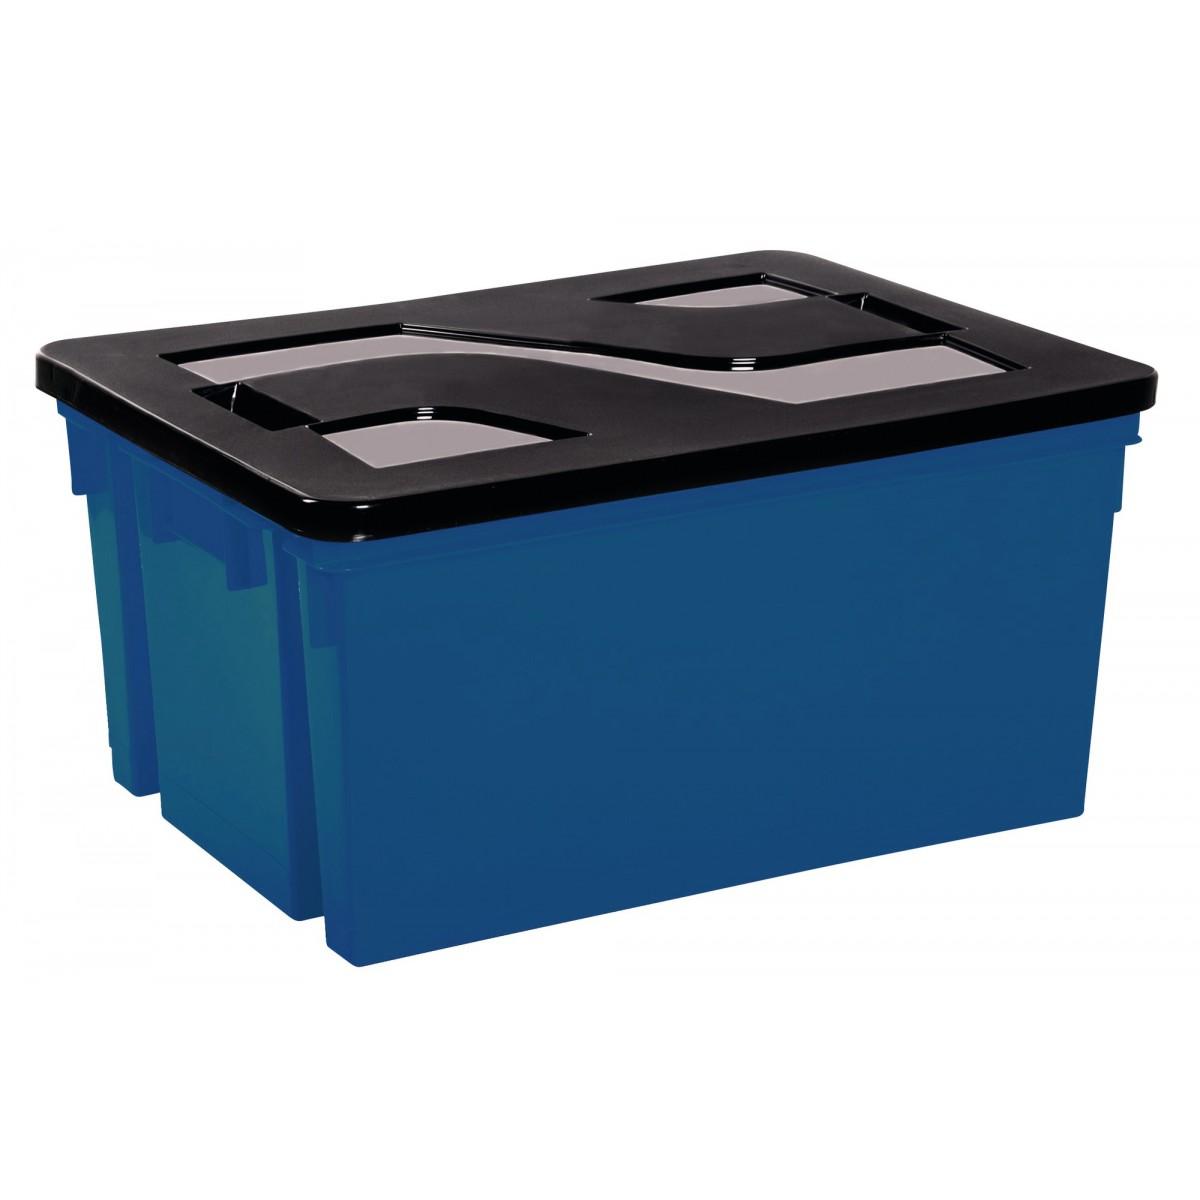 bac de rangement eda avec couvercle bleu et noir de bac de rangement. Black Bedroom Furniture Sets. Home Design Ideas